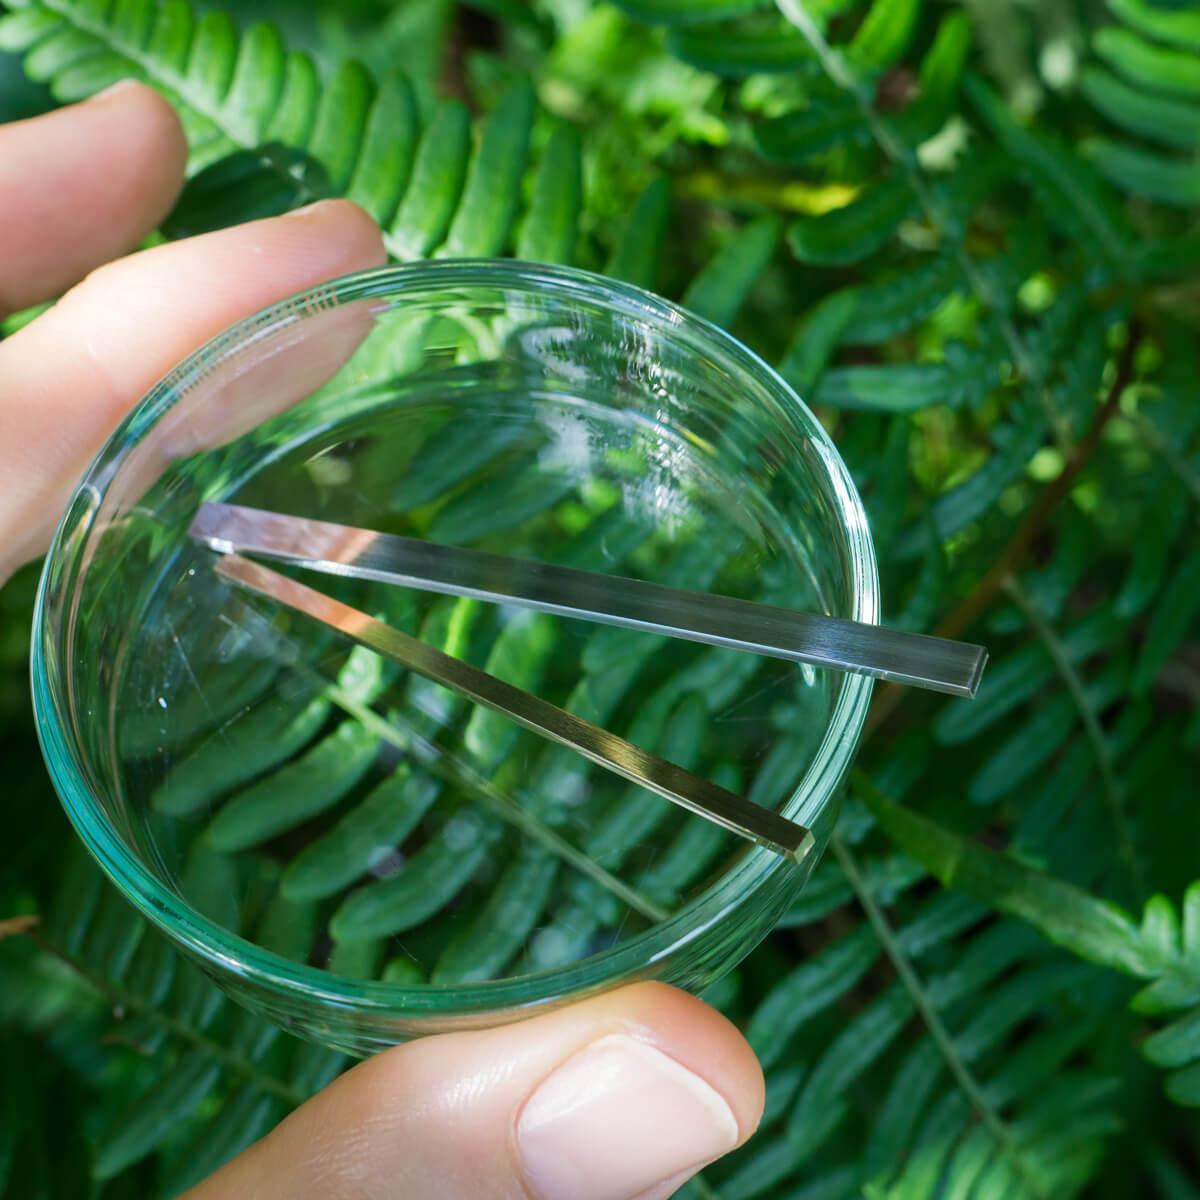 屋久島のシダバック オーダーメイドマリッジリングの素材を手に 屋久島のシダモチーフ 屋久島でつくる結婚指輪